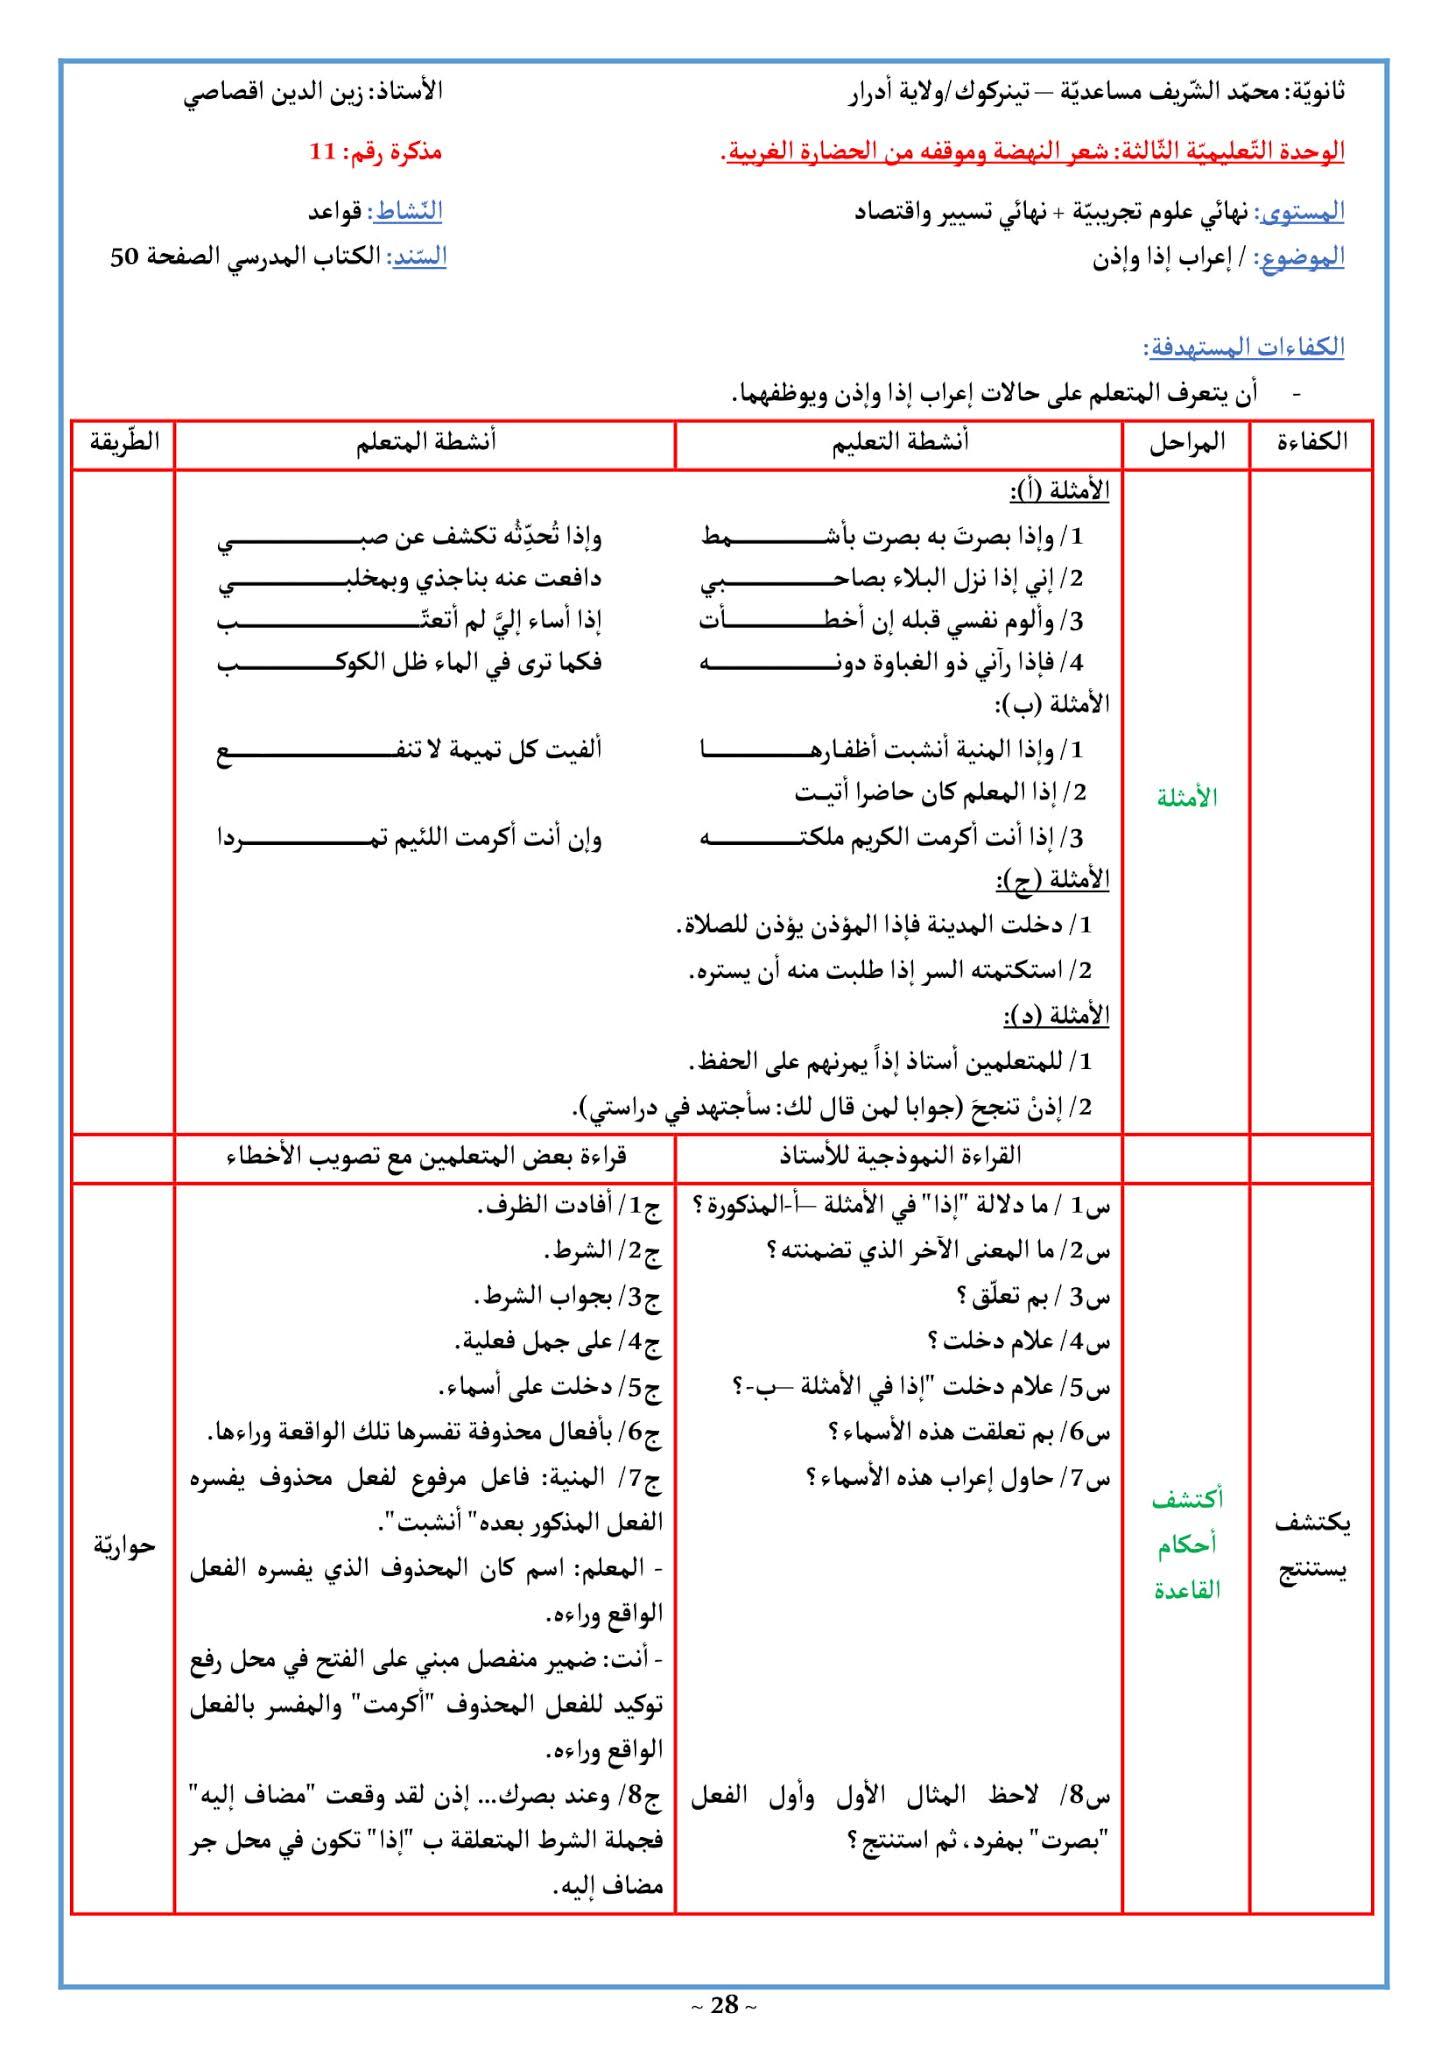 تحضير إعراب إذا وإذن 3 ثانوي علمي صفحة 50 من الكتاب المدرسي | موقع التعليم  الجزائري - Dzetude